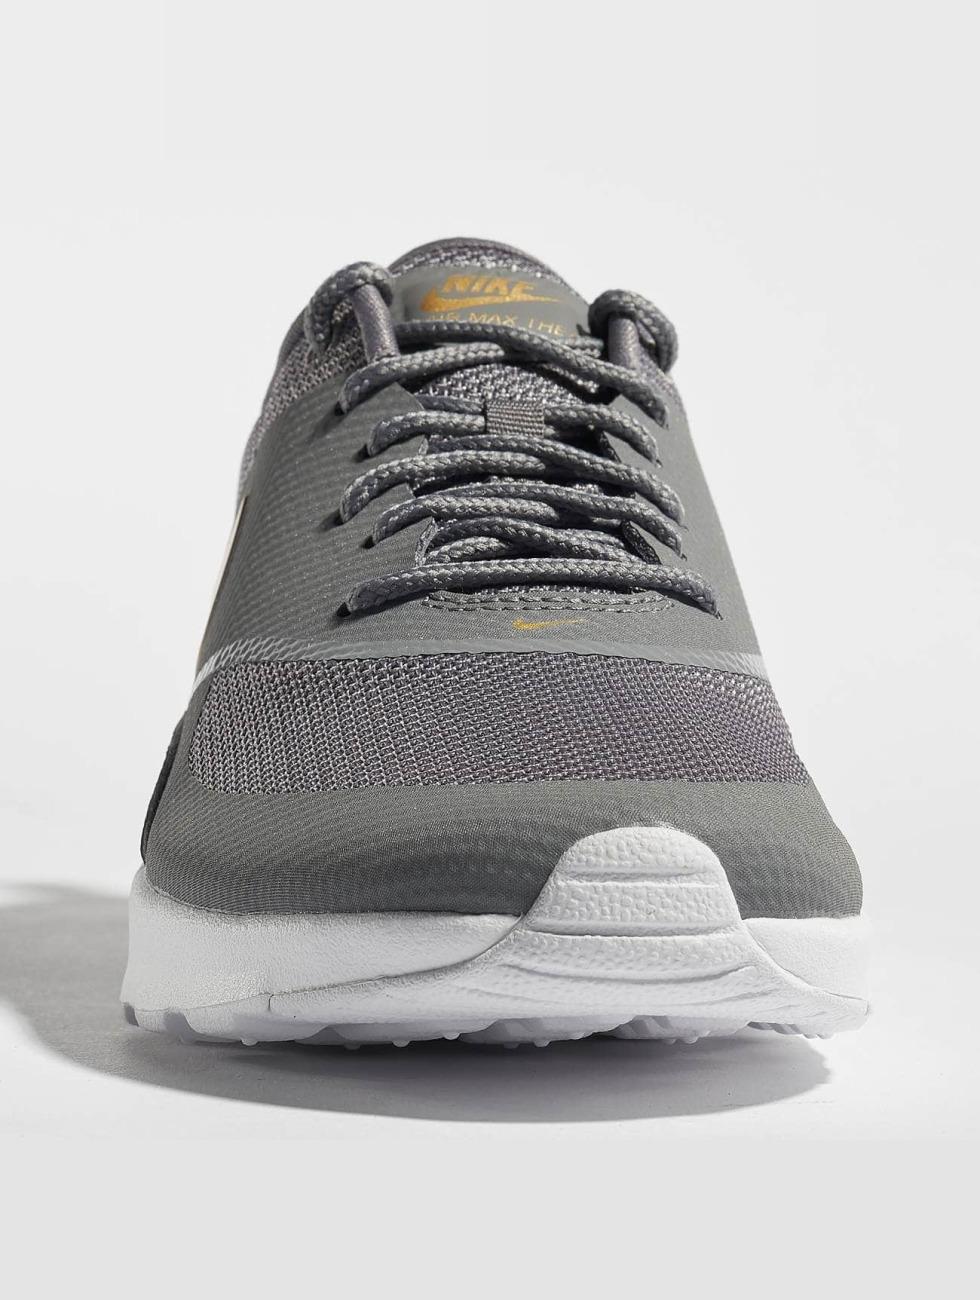 Pas Cher Nouvelle Arrivée Air Chaussure / Basket Nike Max Thea J En Gris 530289 Rabais Réel Footlocker À Vendre KEPeYb8